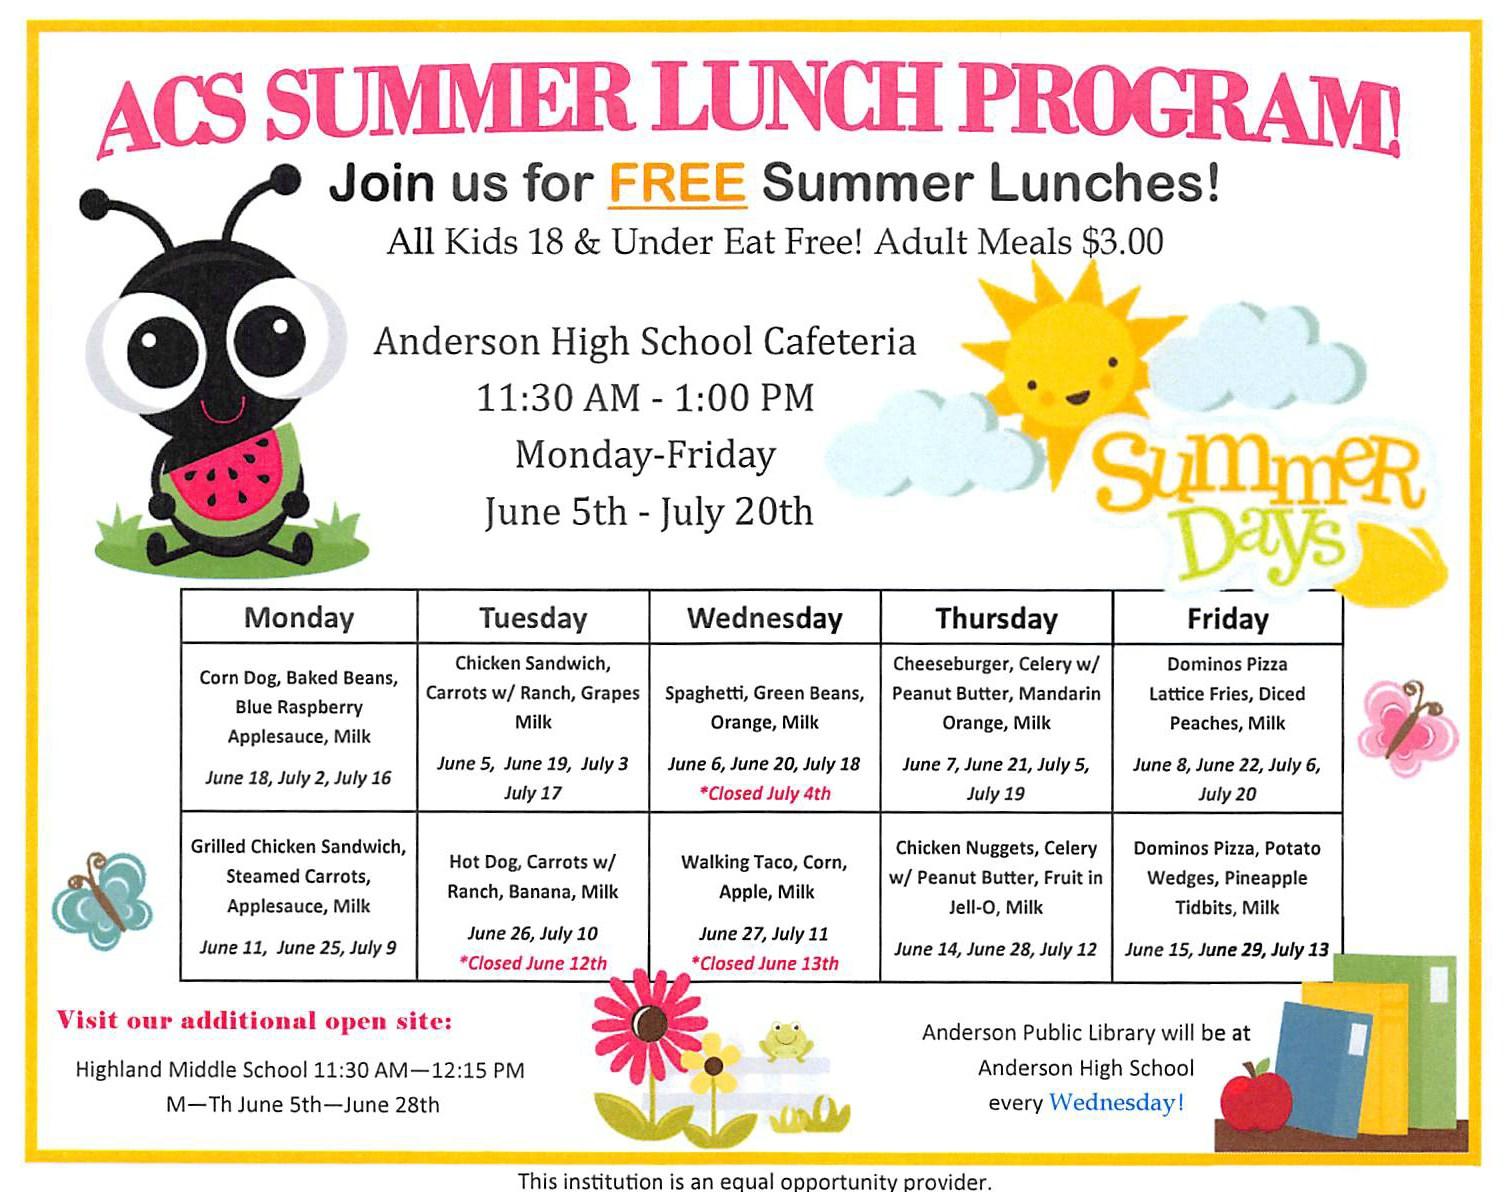 ACS Summer Lunch Program 2018 menu